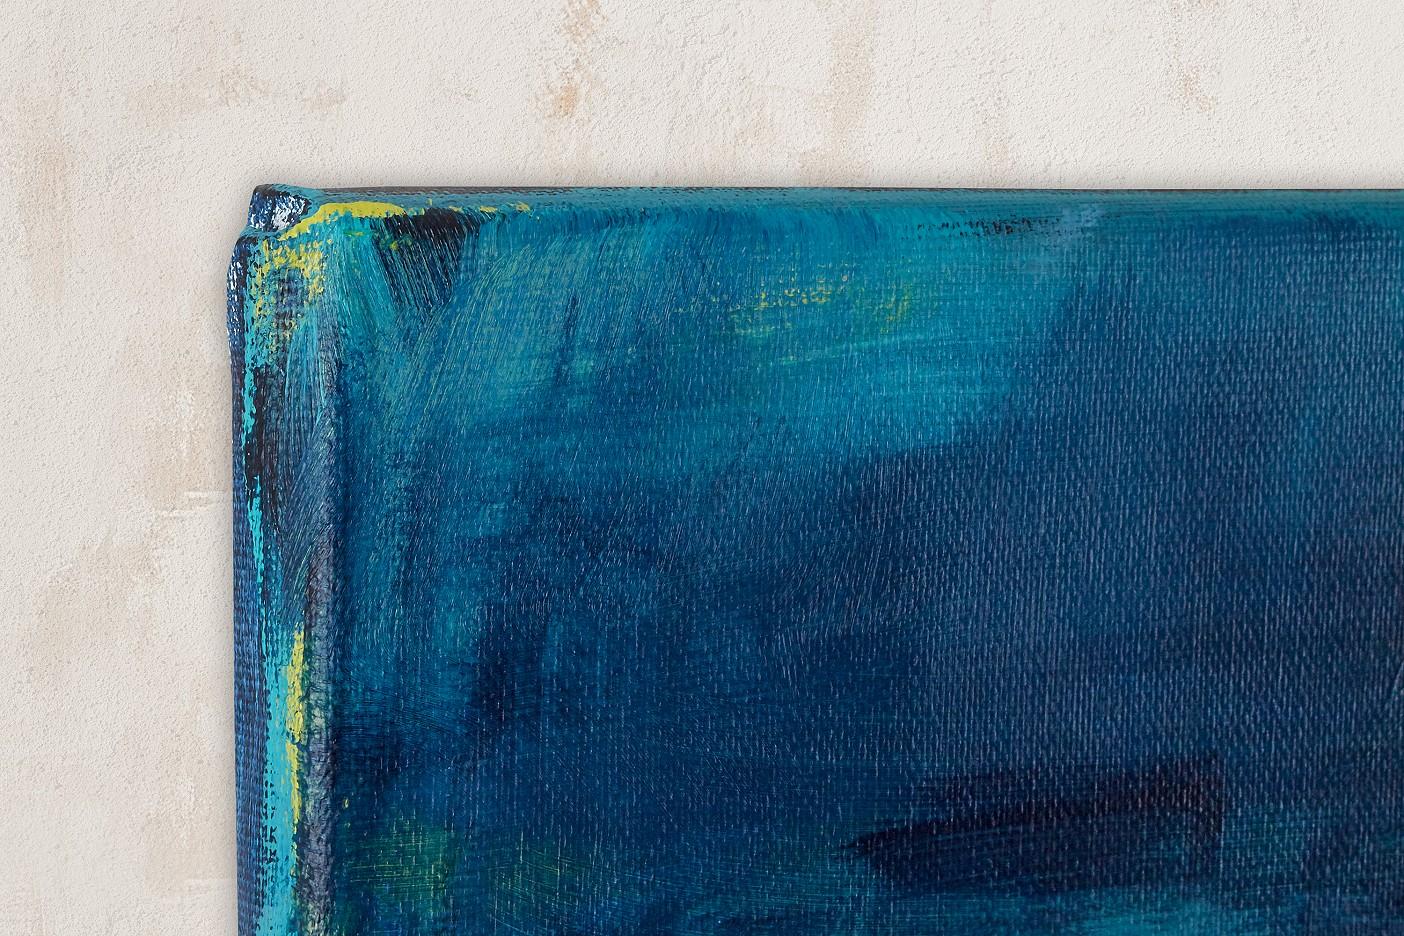 Abstrakt-blau-gelb